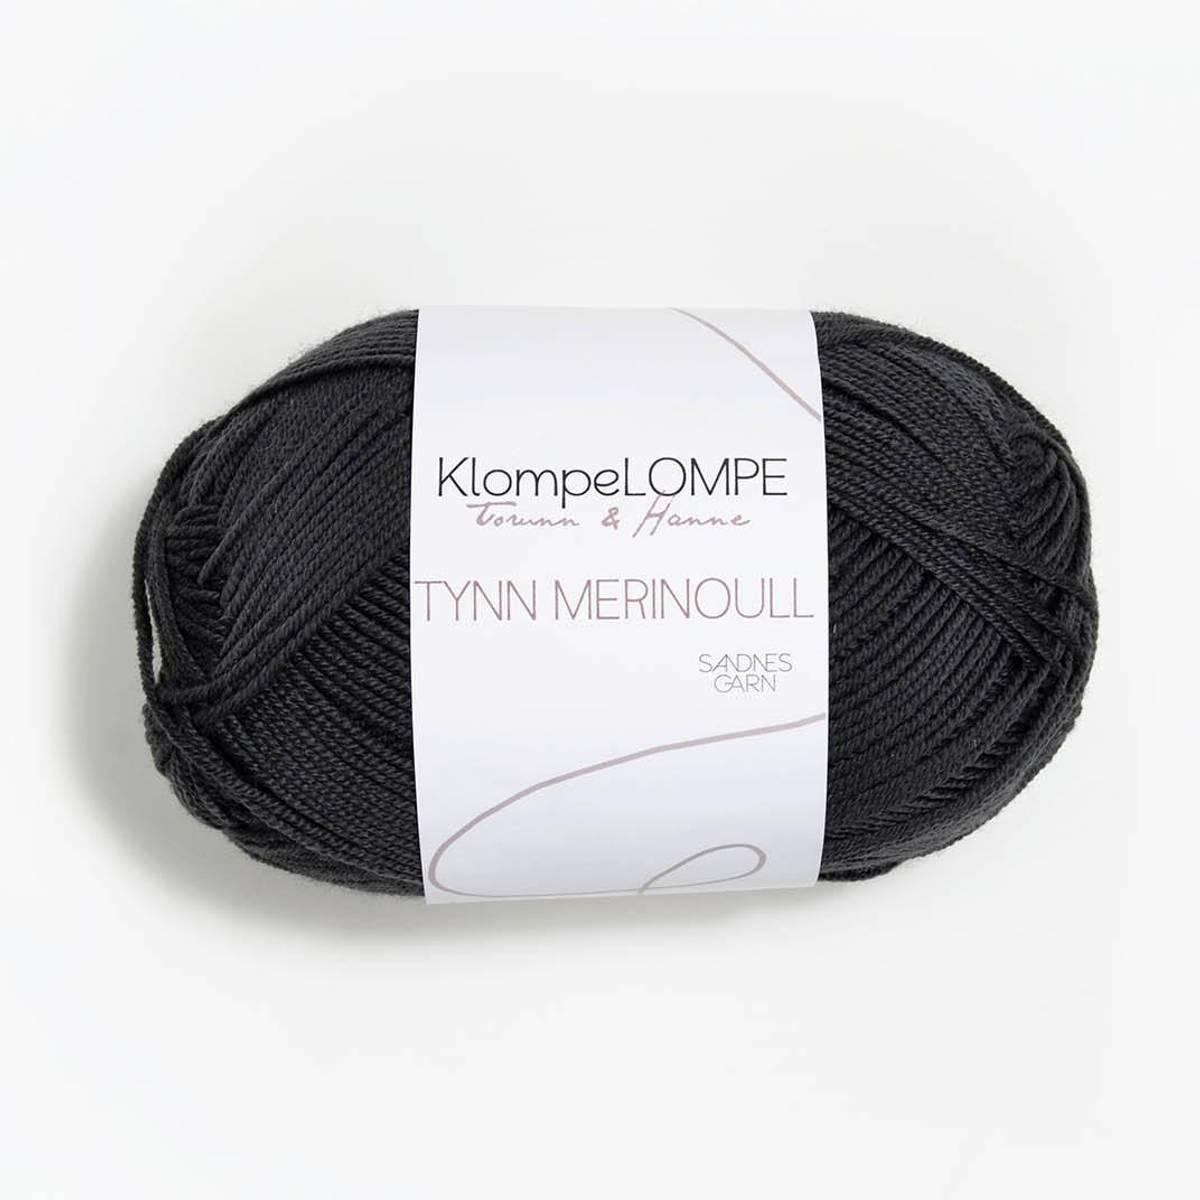 KlompeLOMPE Tynn Merinoull - 5885 Dempet Sort